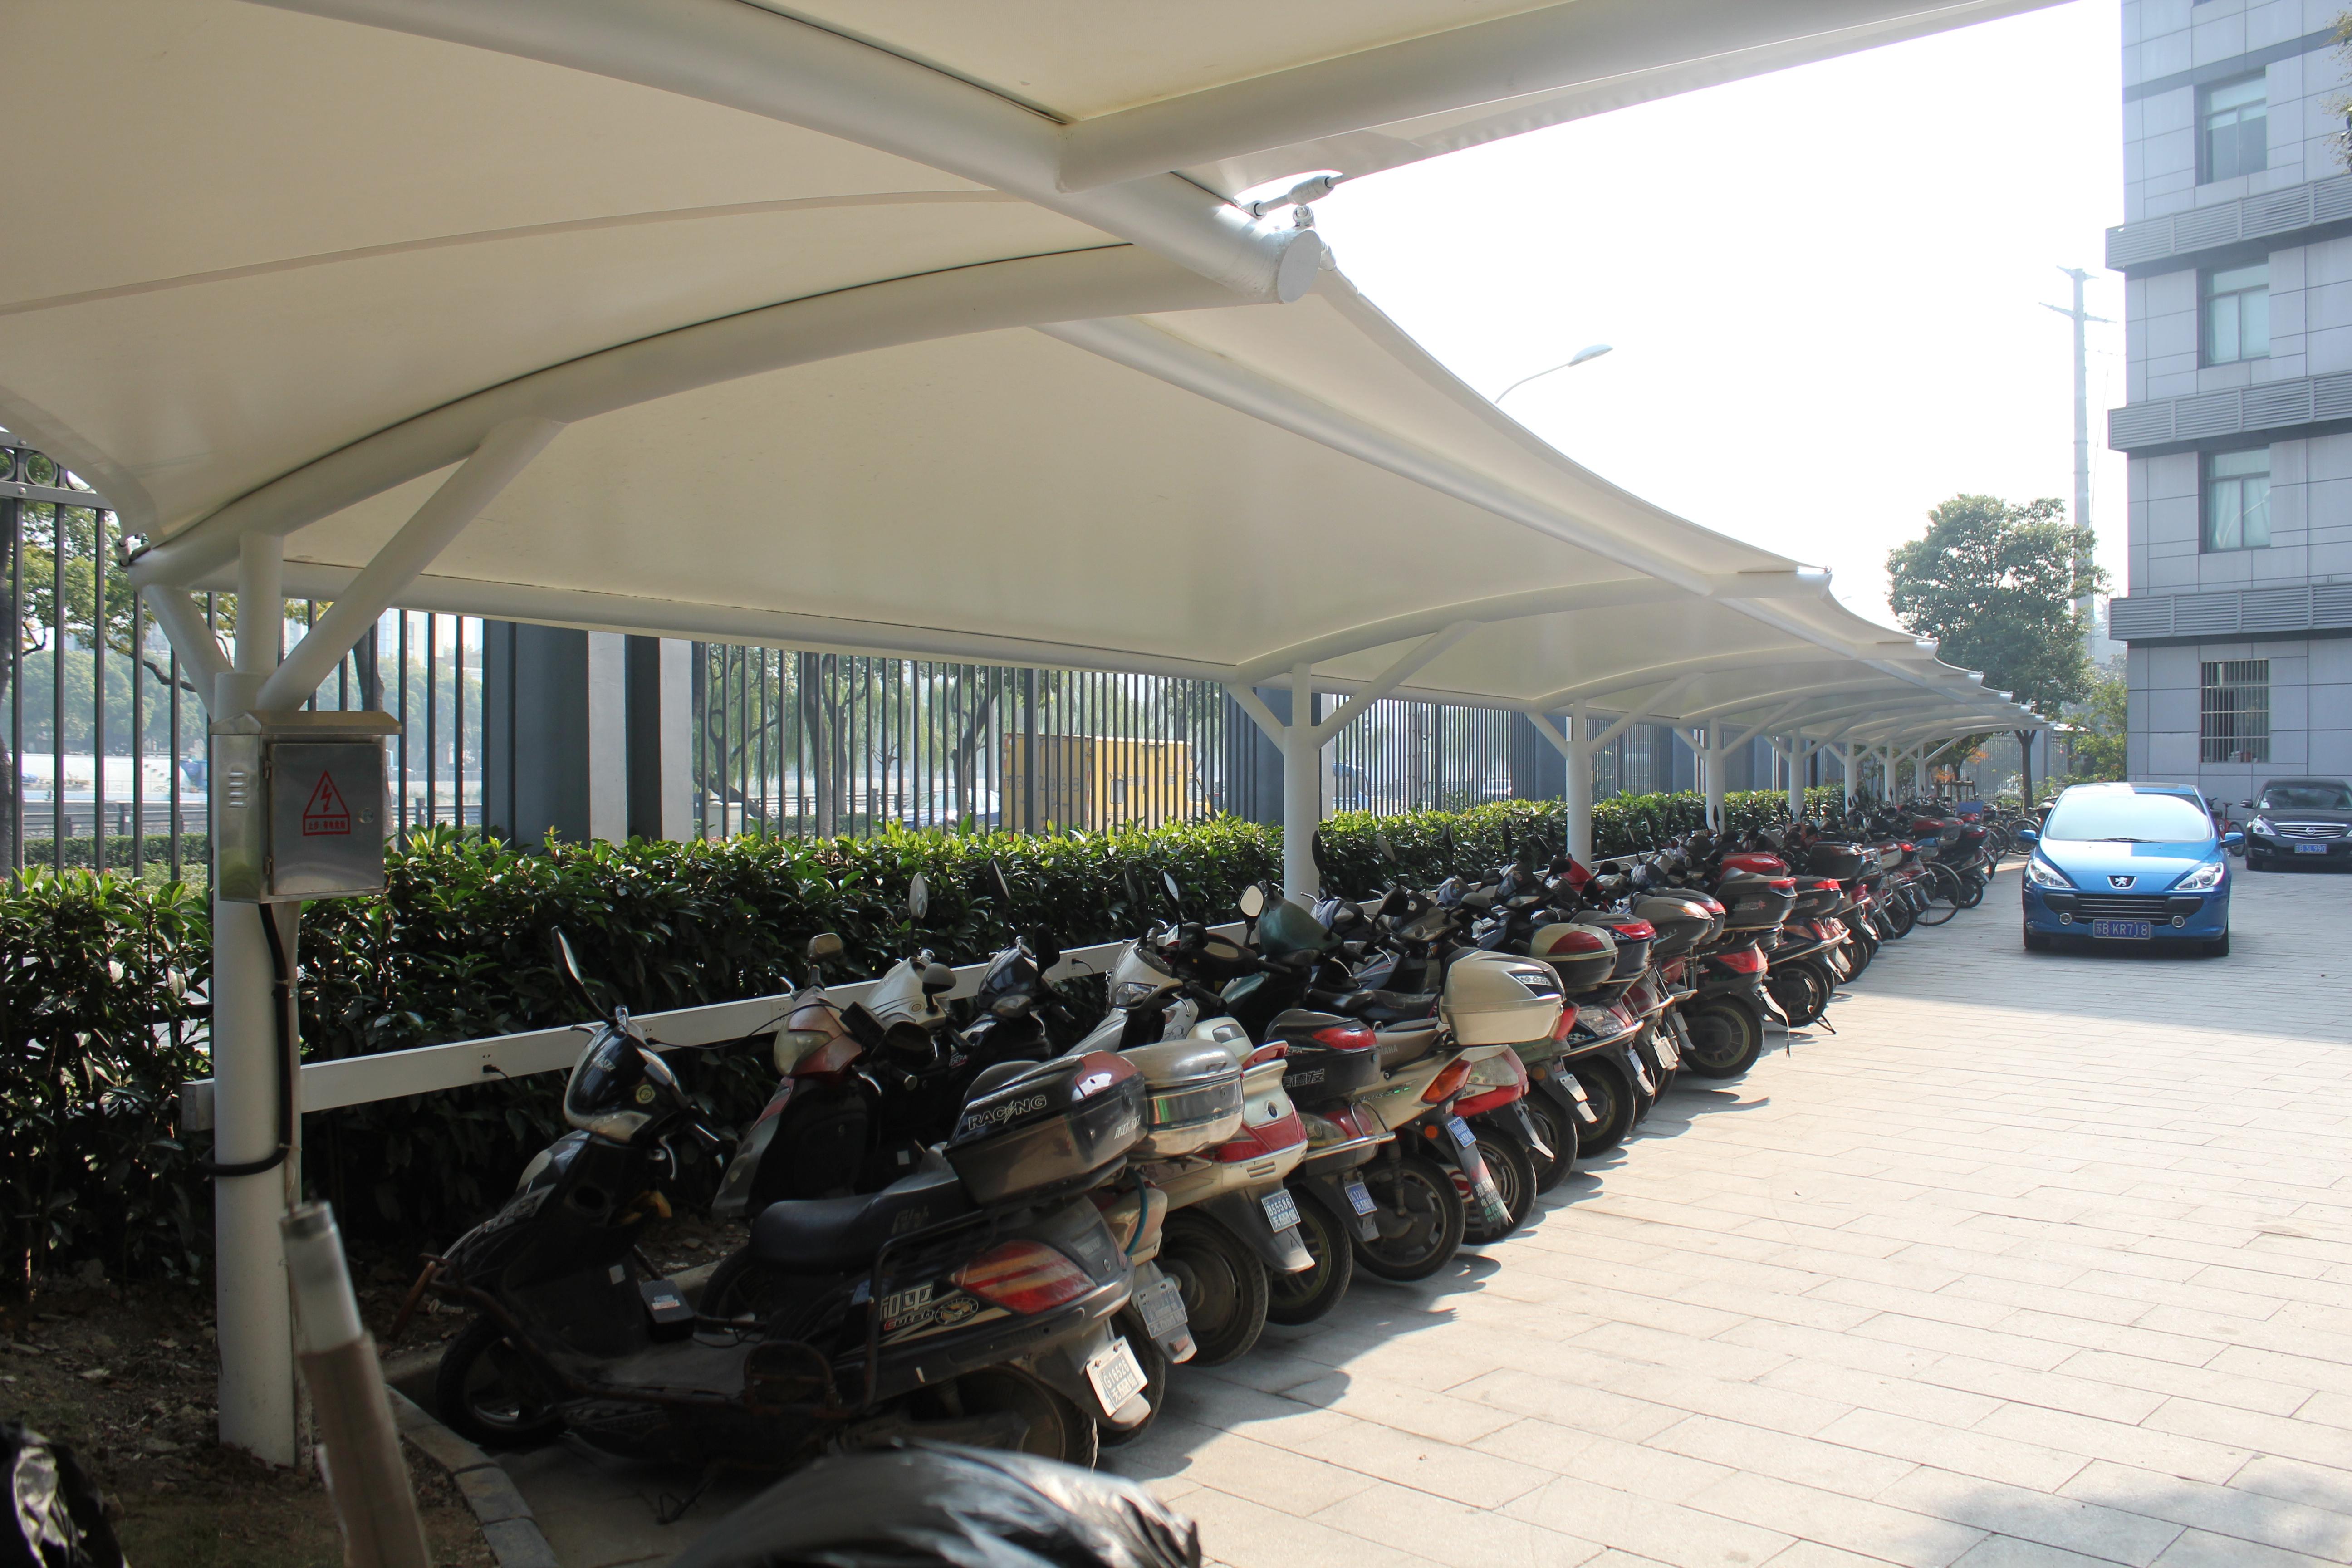 充电自行车棚 自行车棚 车棚IMG_8876.JPG